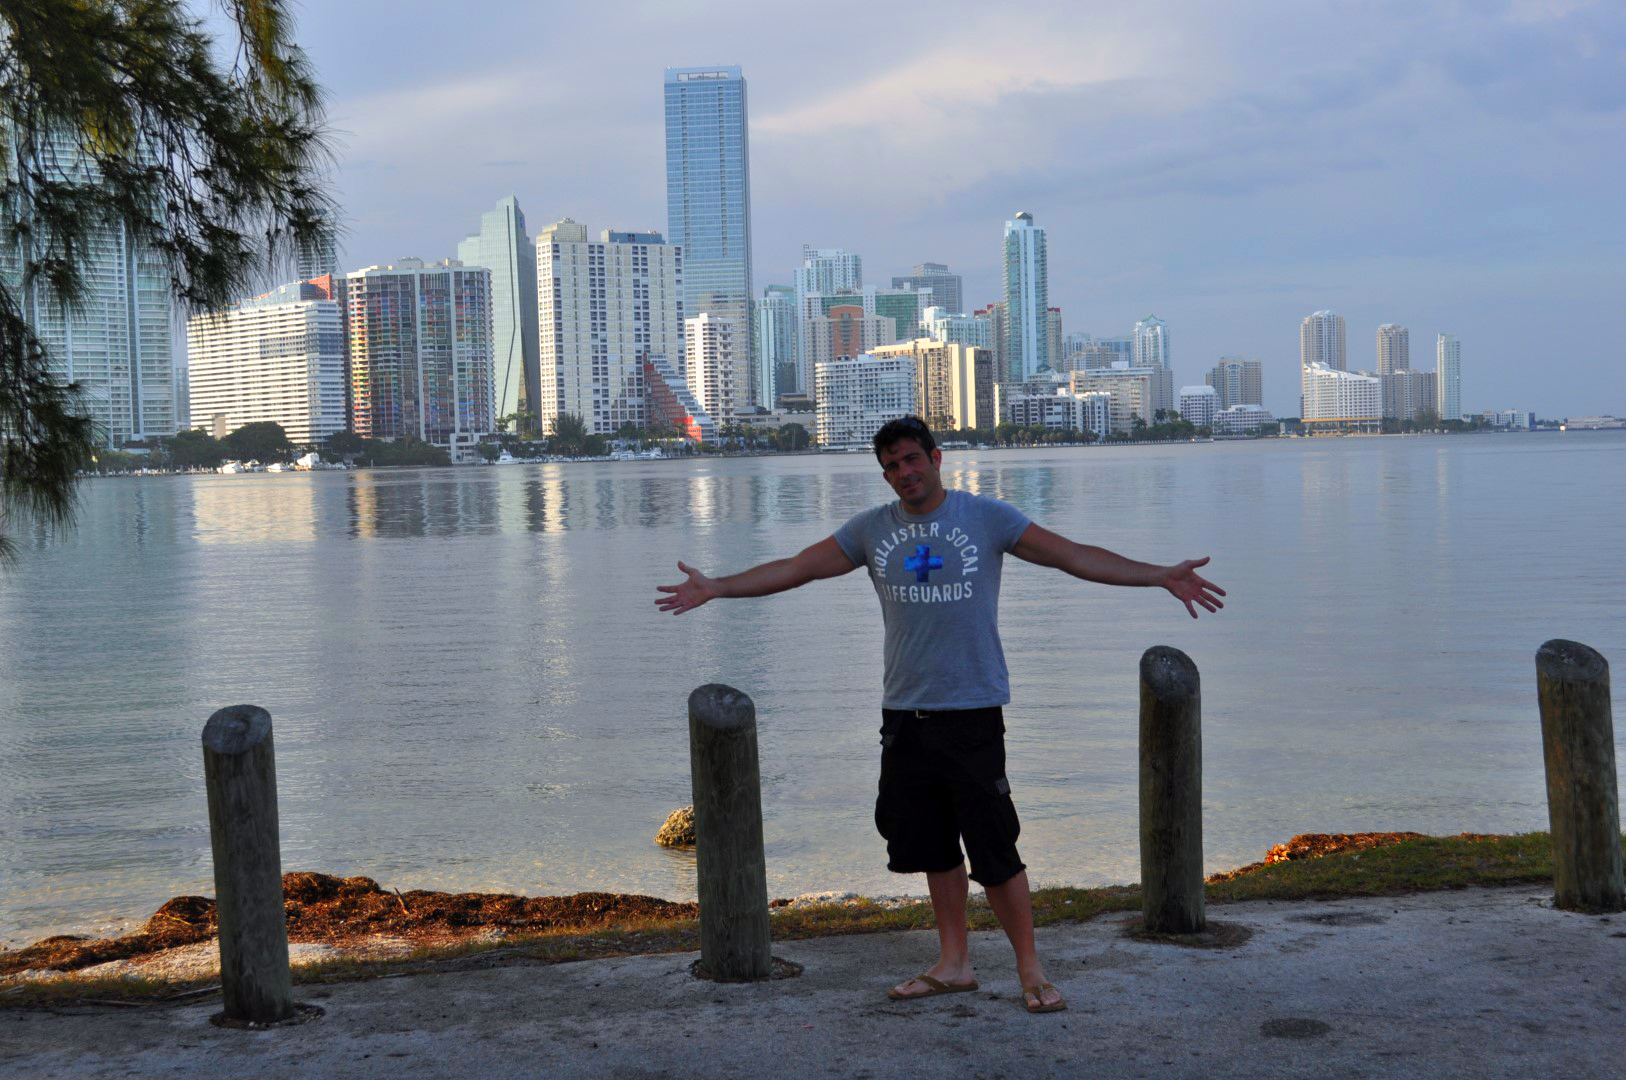 Qué hacer y ver en Miami, Florida Qué hacer y ver en Miami Qué hacer y ver en Miami 31344978506 19524c1a32 o